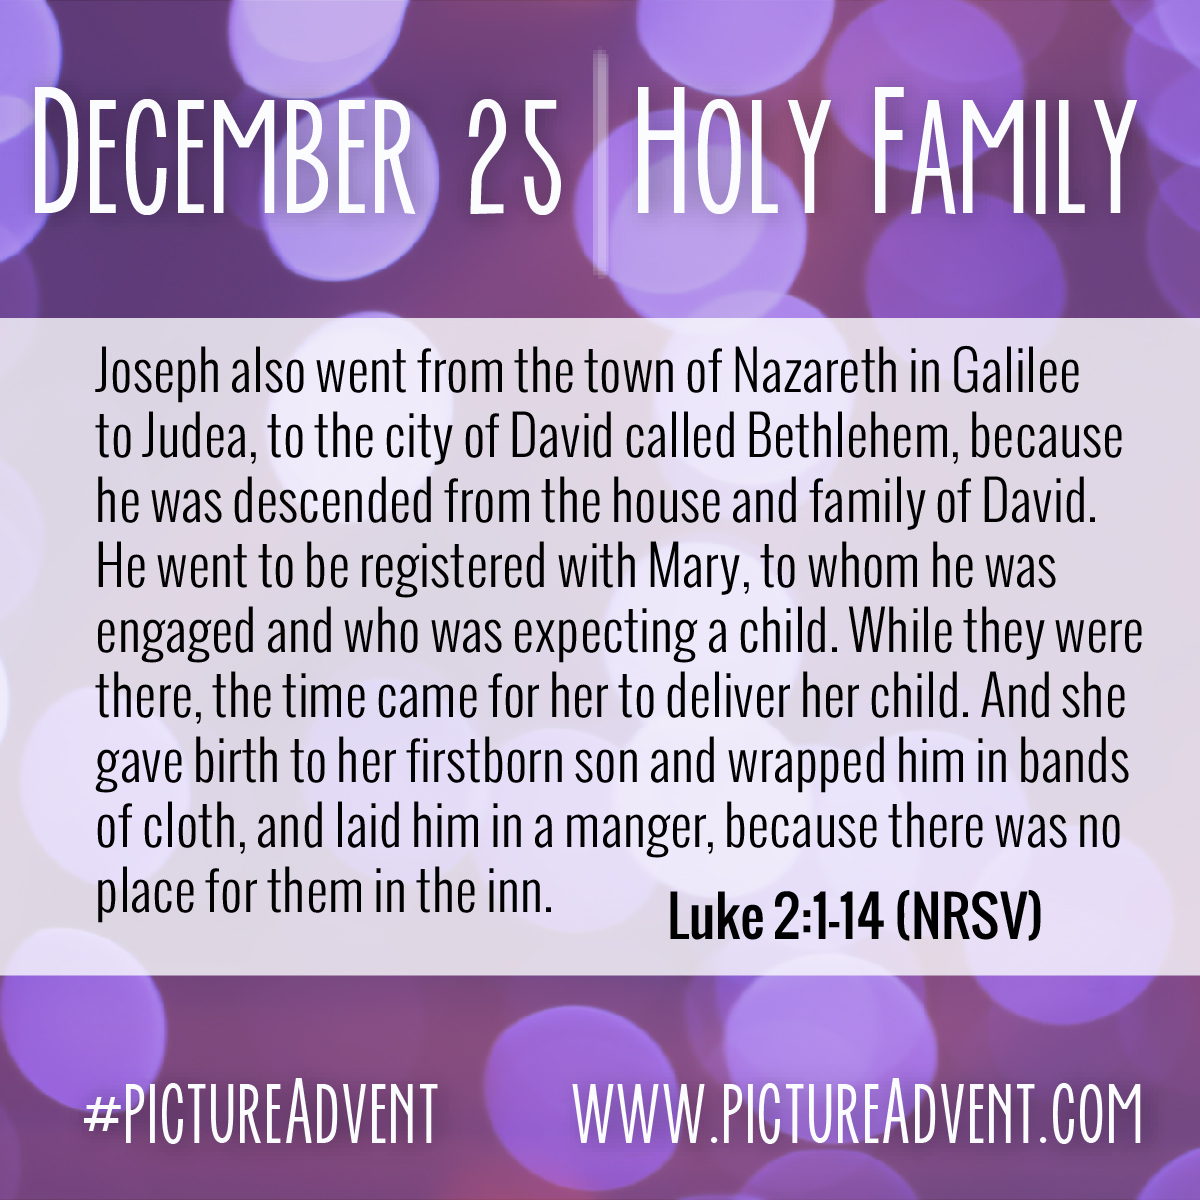 23 Dec 25 Holy Family-01.jpg